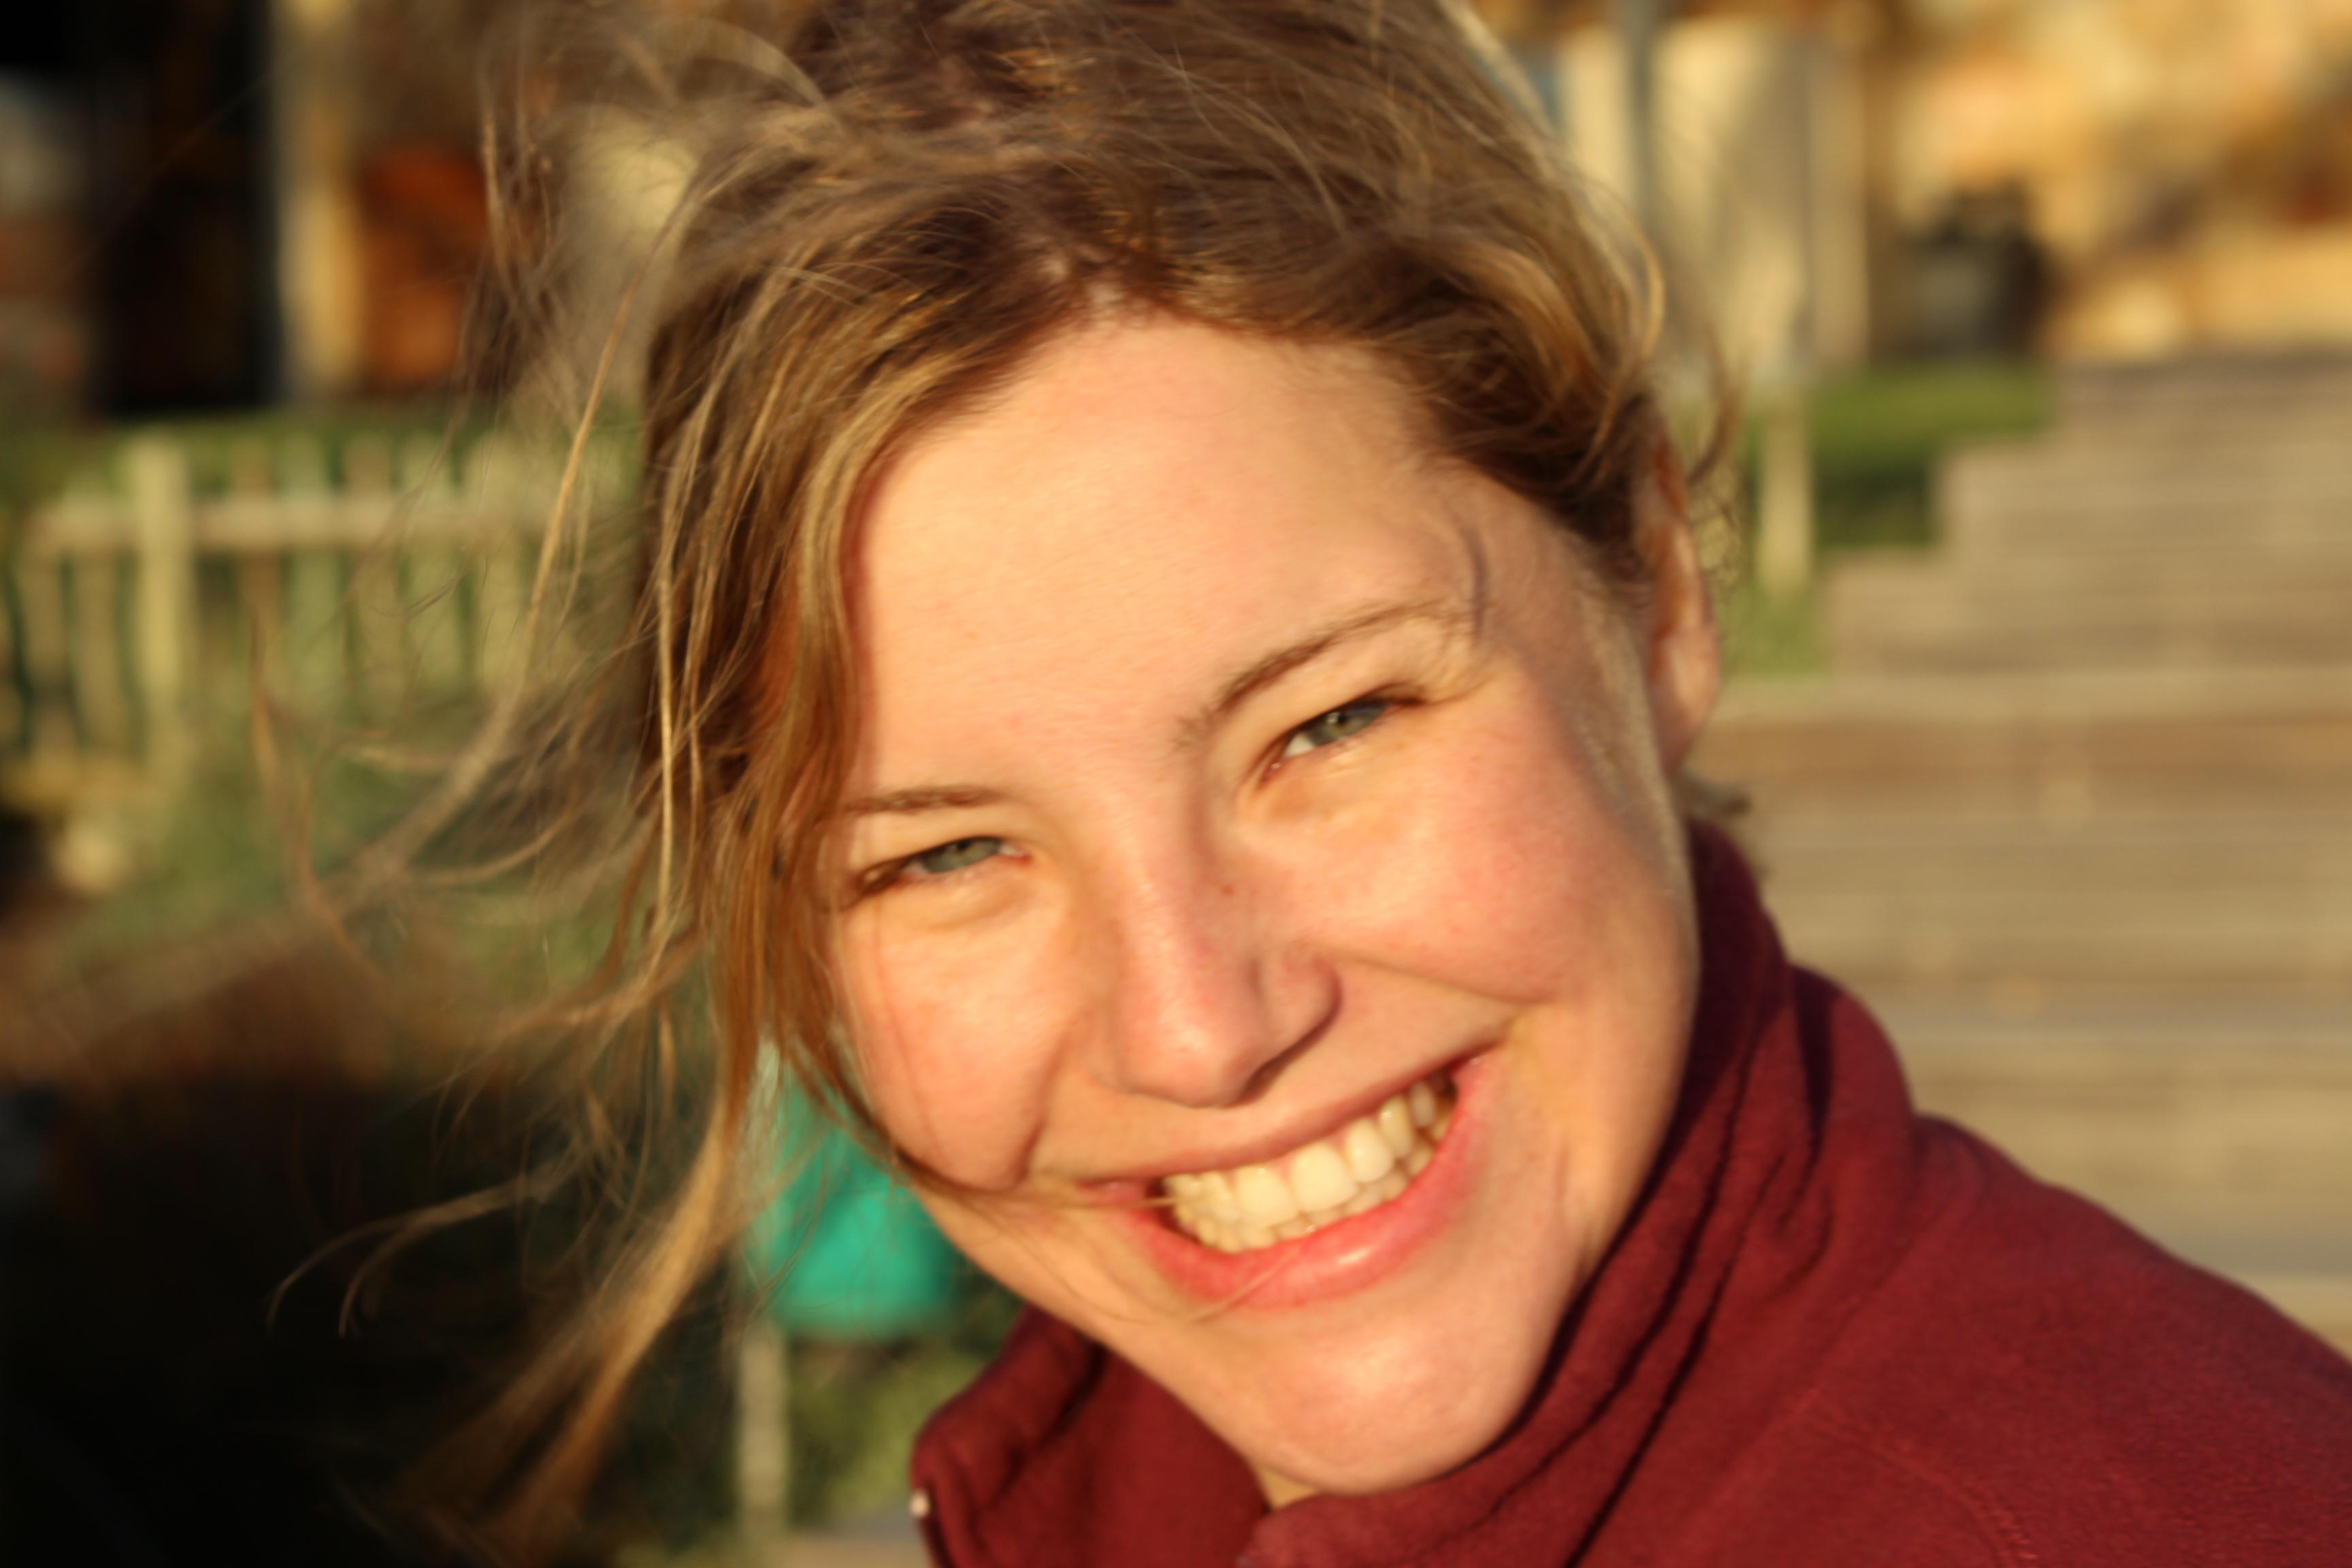 Meet Debbie van de Merwe